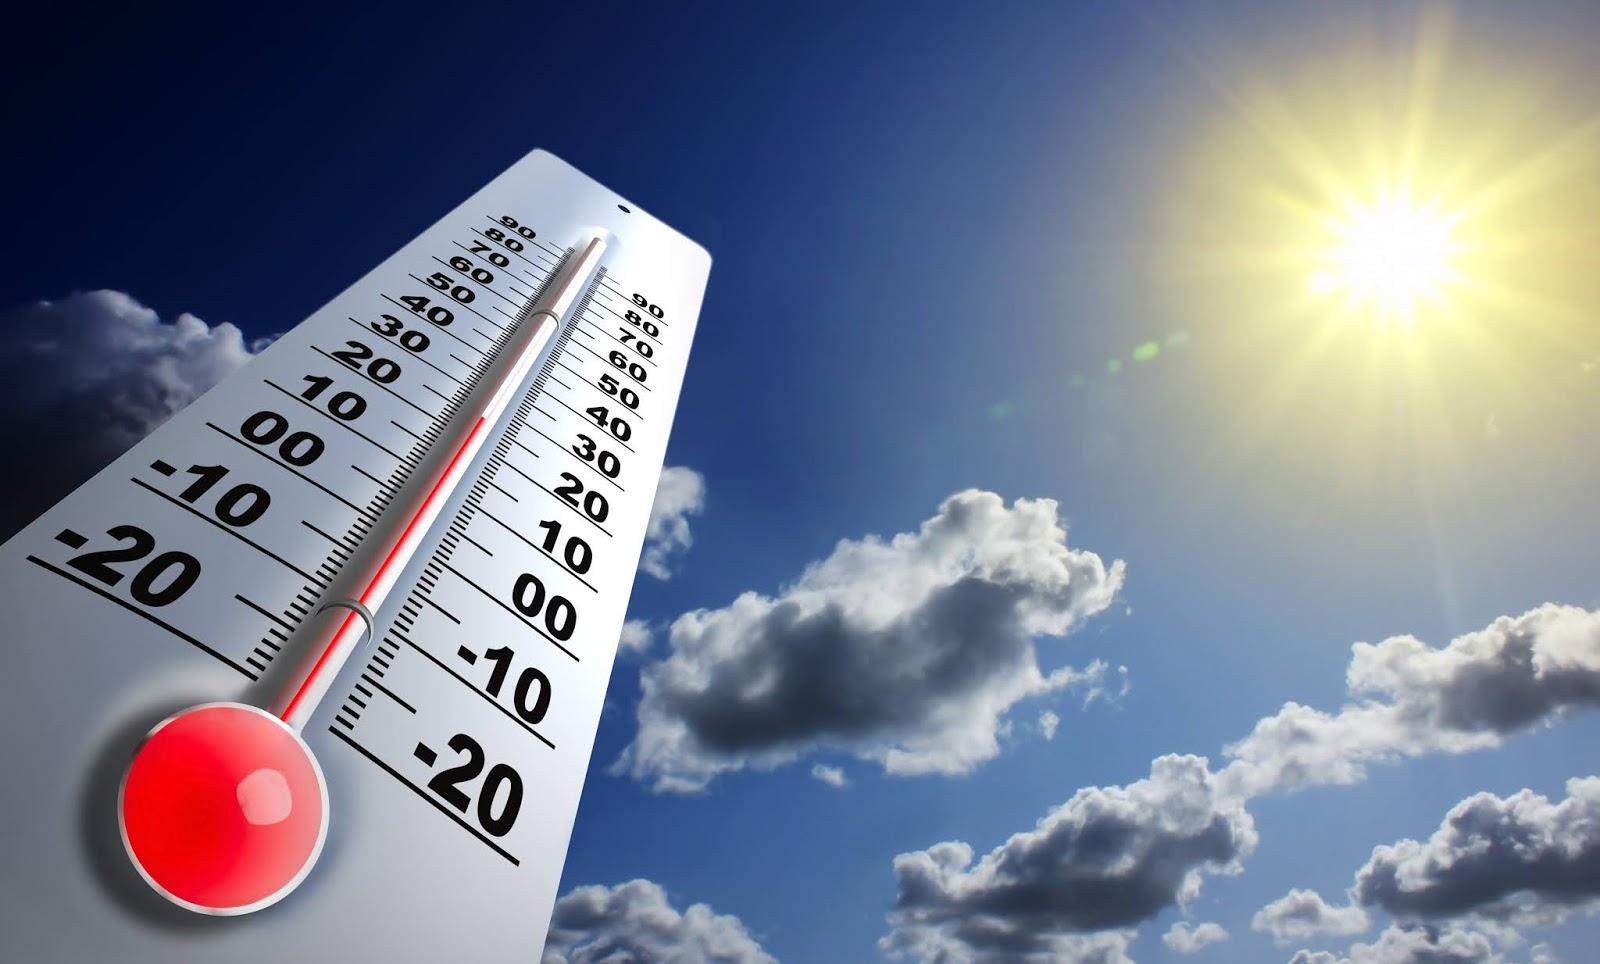 هذه توقعات مديرية الأرصاد الجوية لطقس اليوم الإثنين